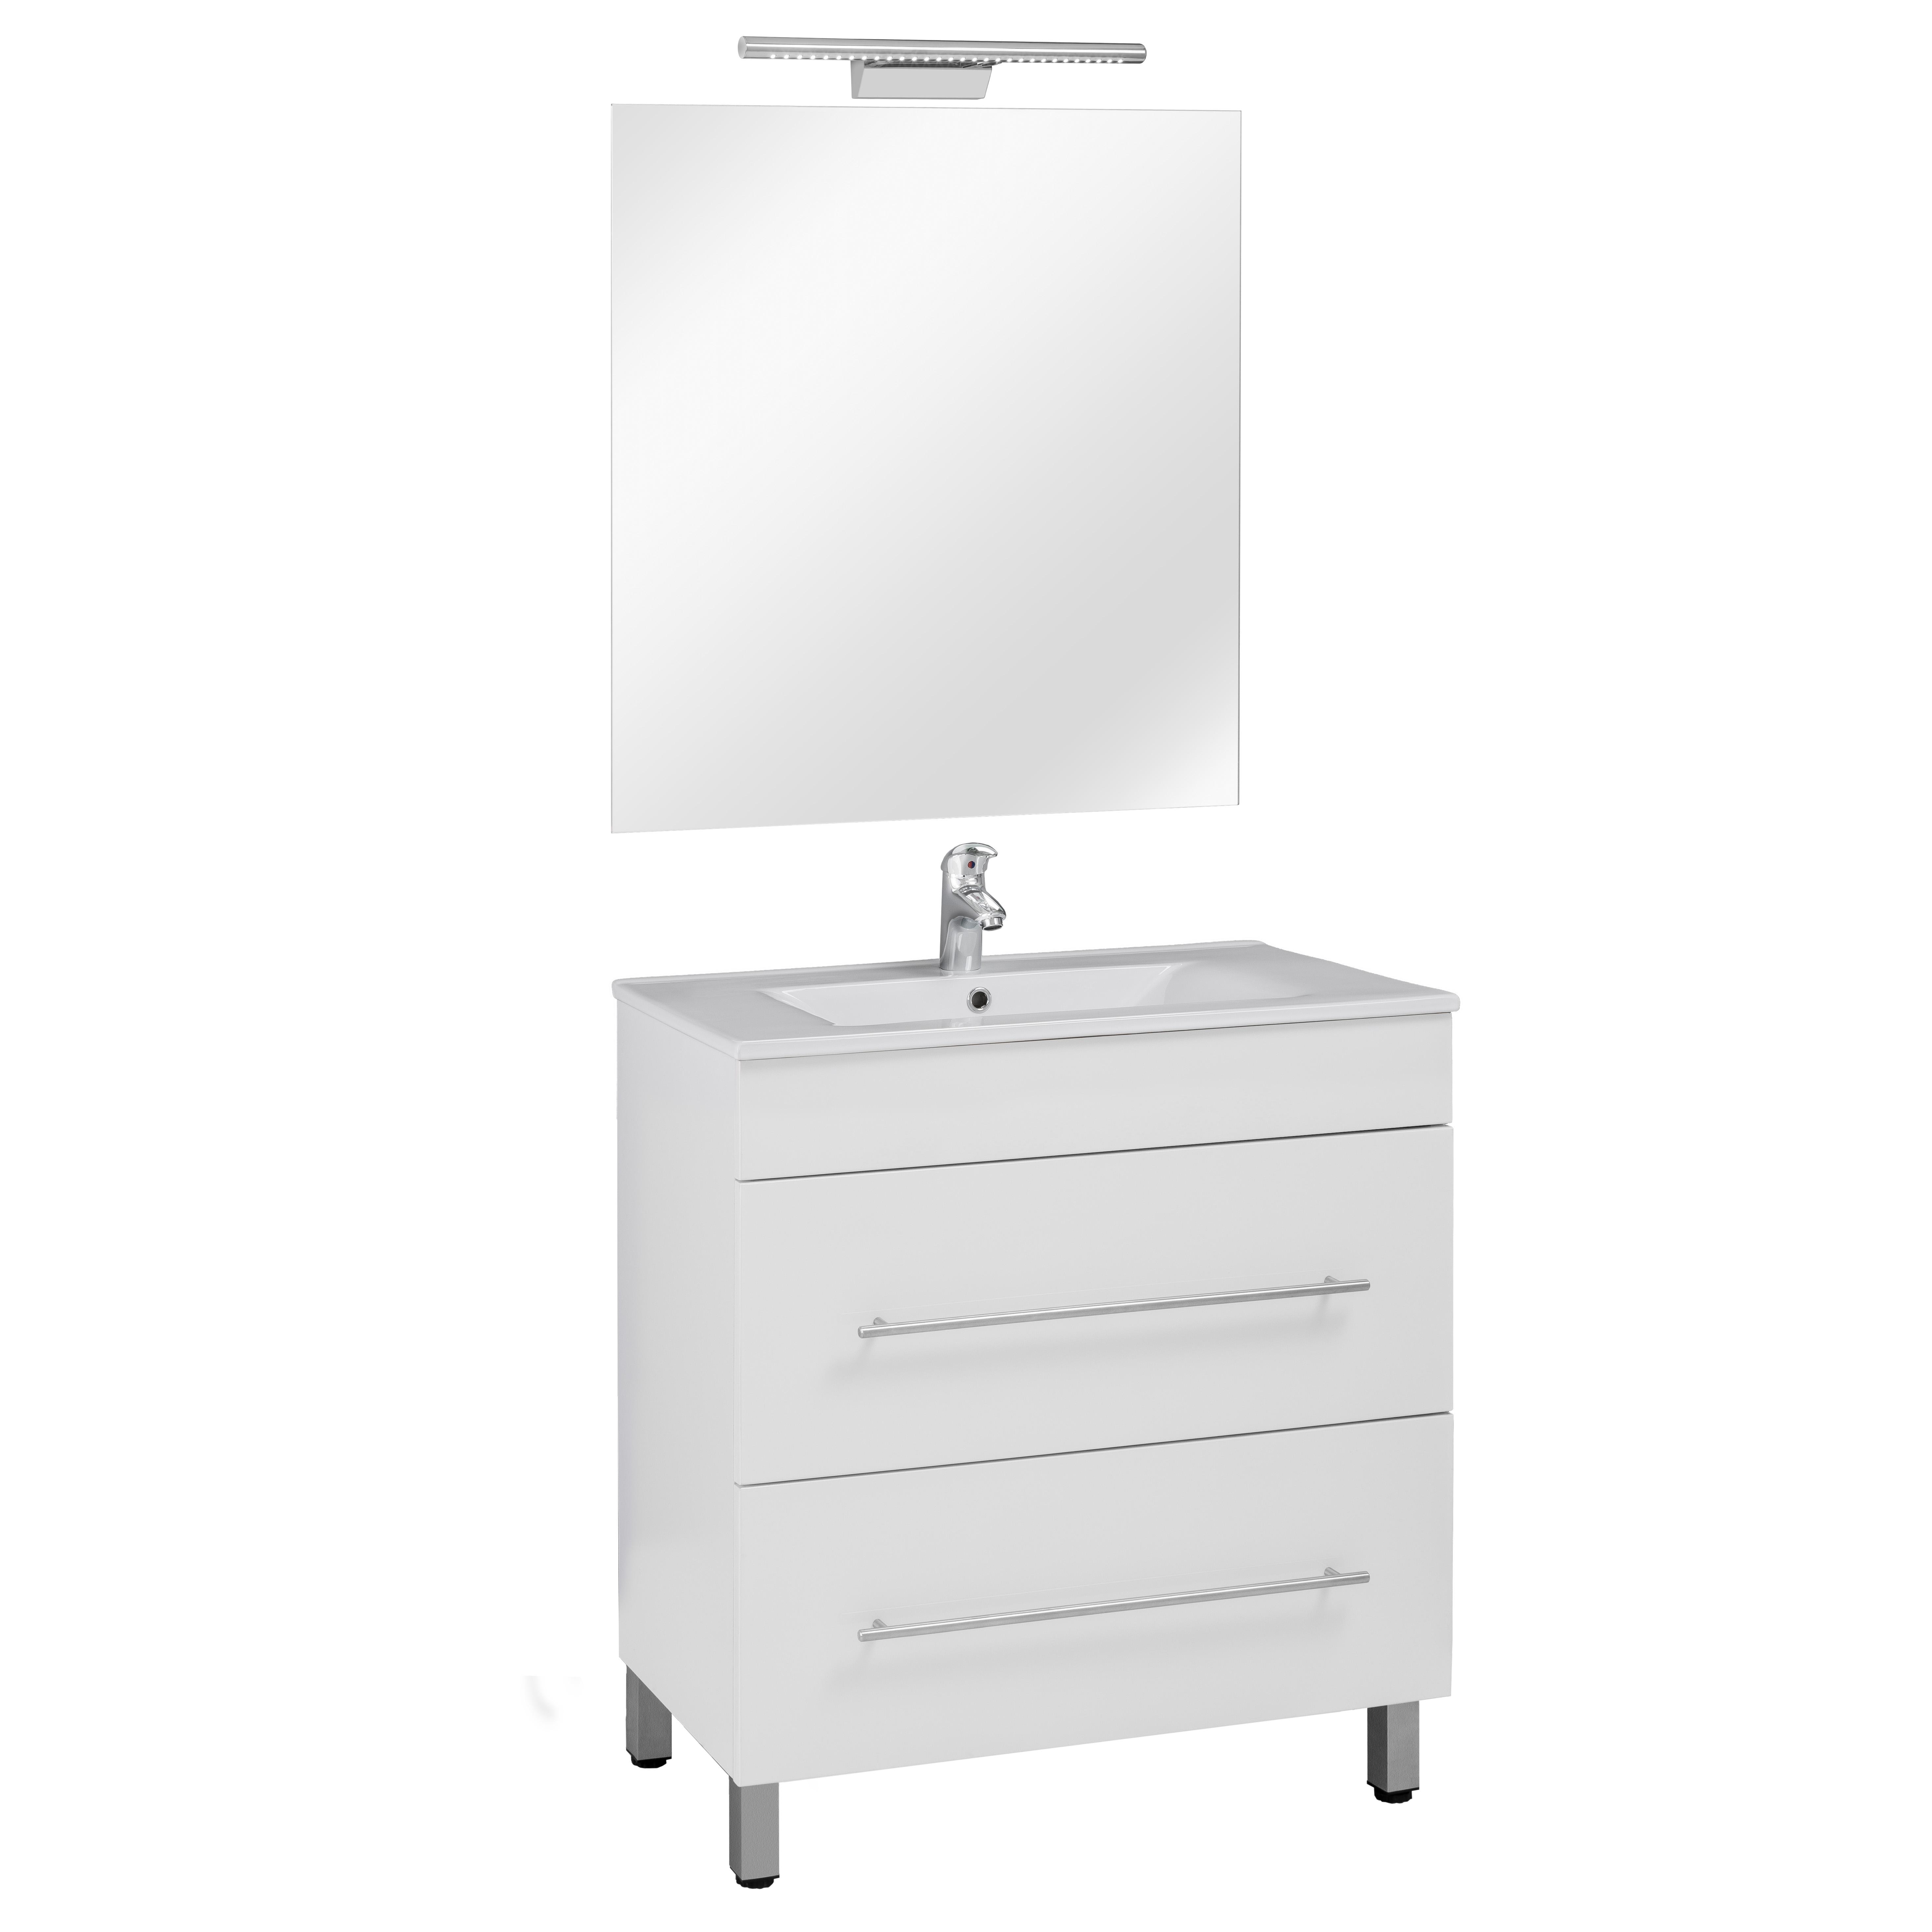 80 FP fiókos szekrény+ mosdó+ tükör + LED-es lámpa